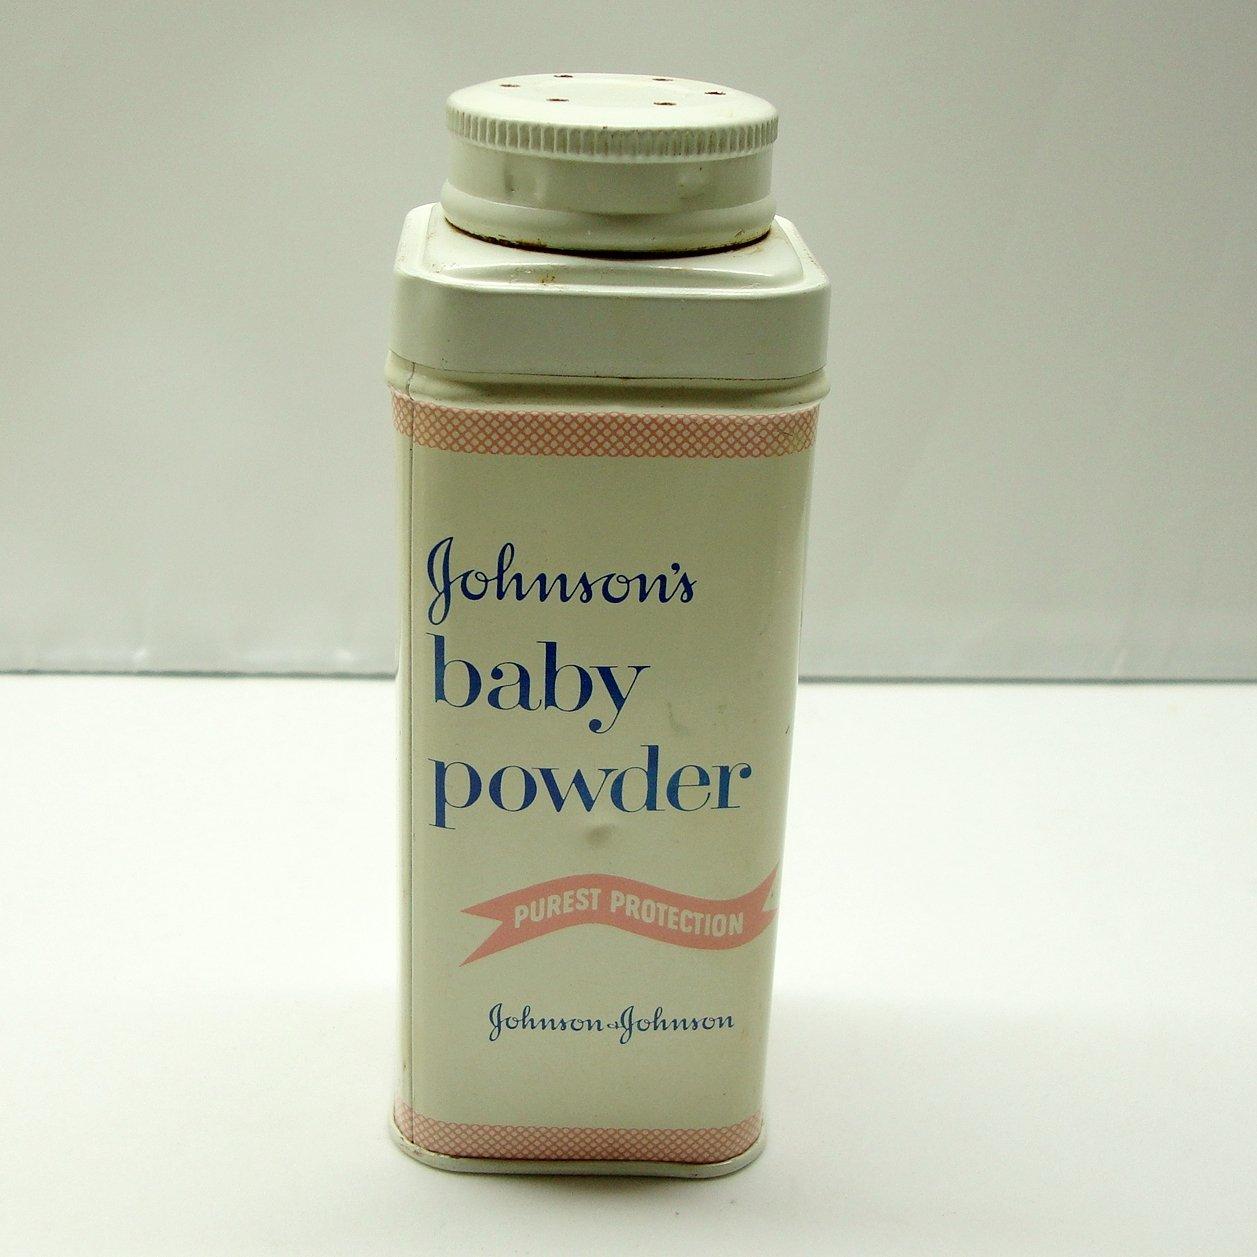 Johnson's Baby Powder 4 Oz Tin, Vintage 1960s - 1970s